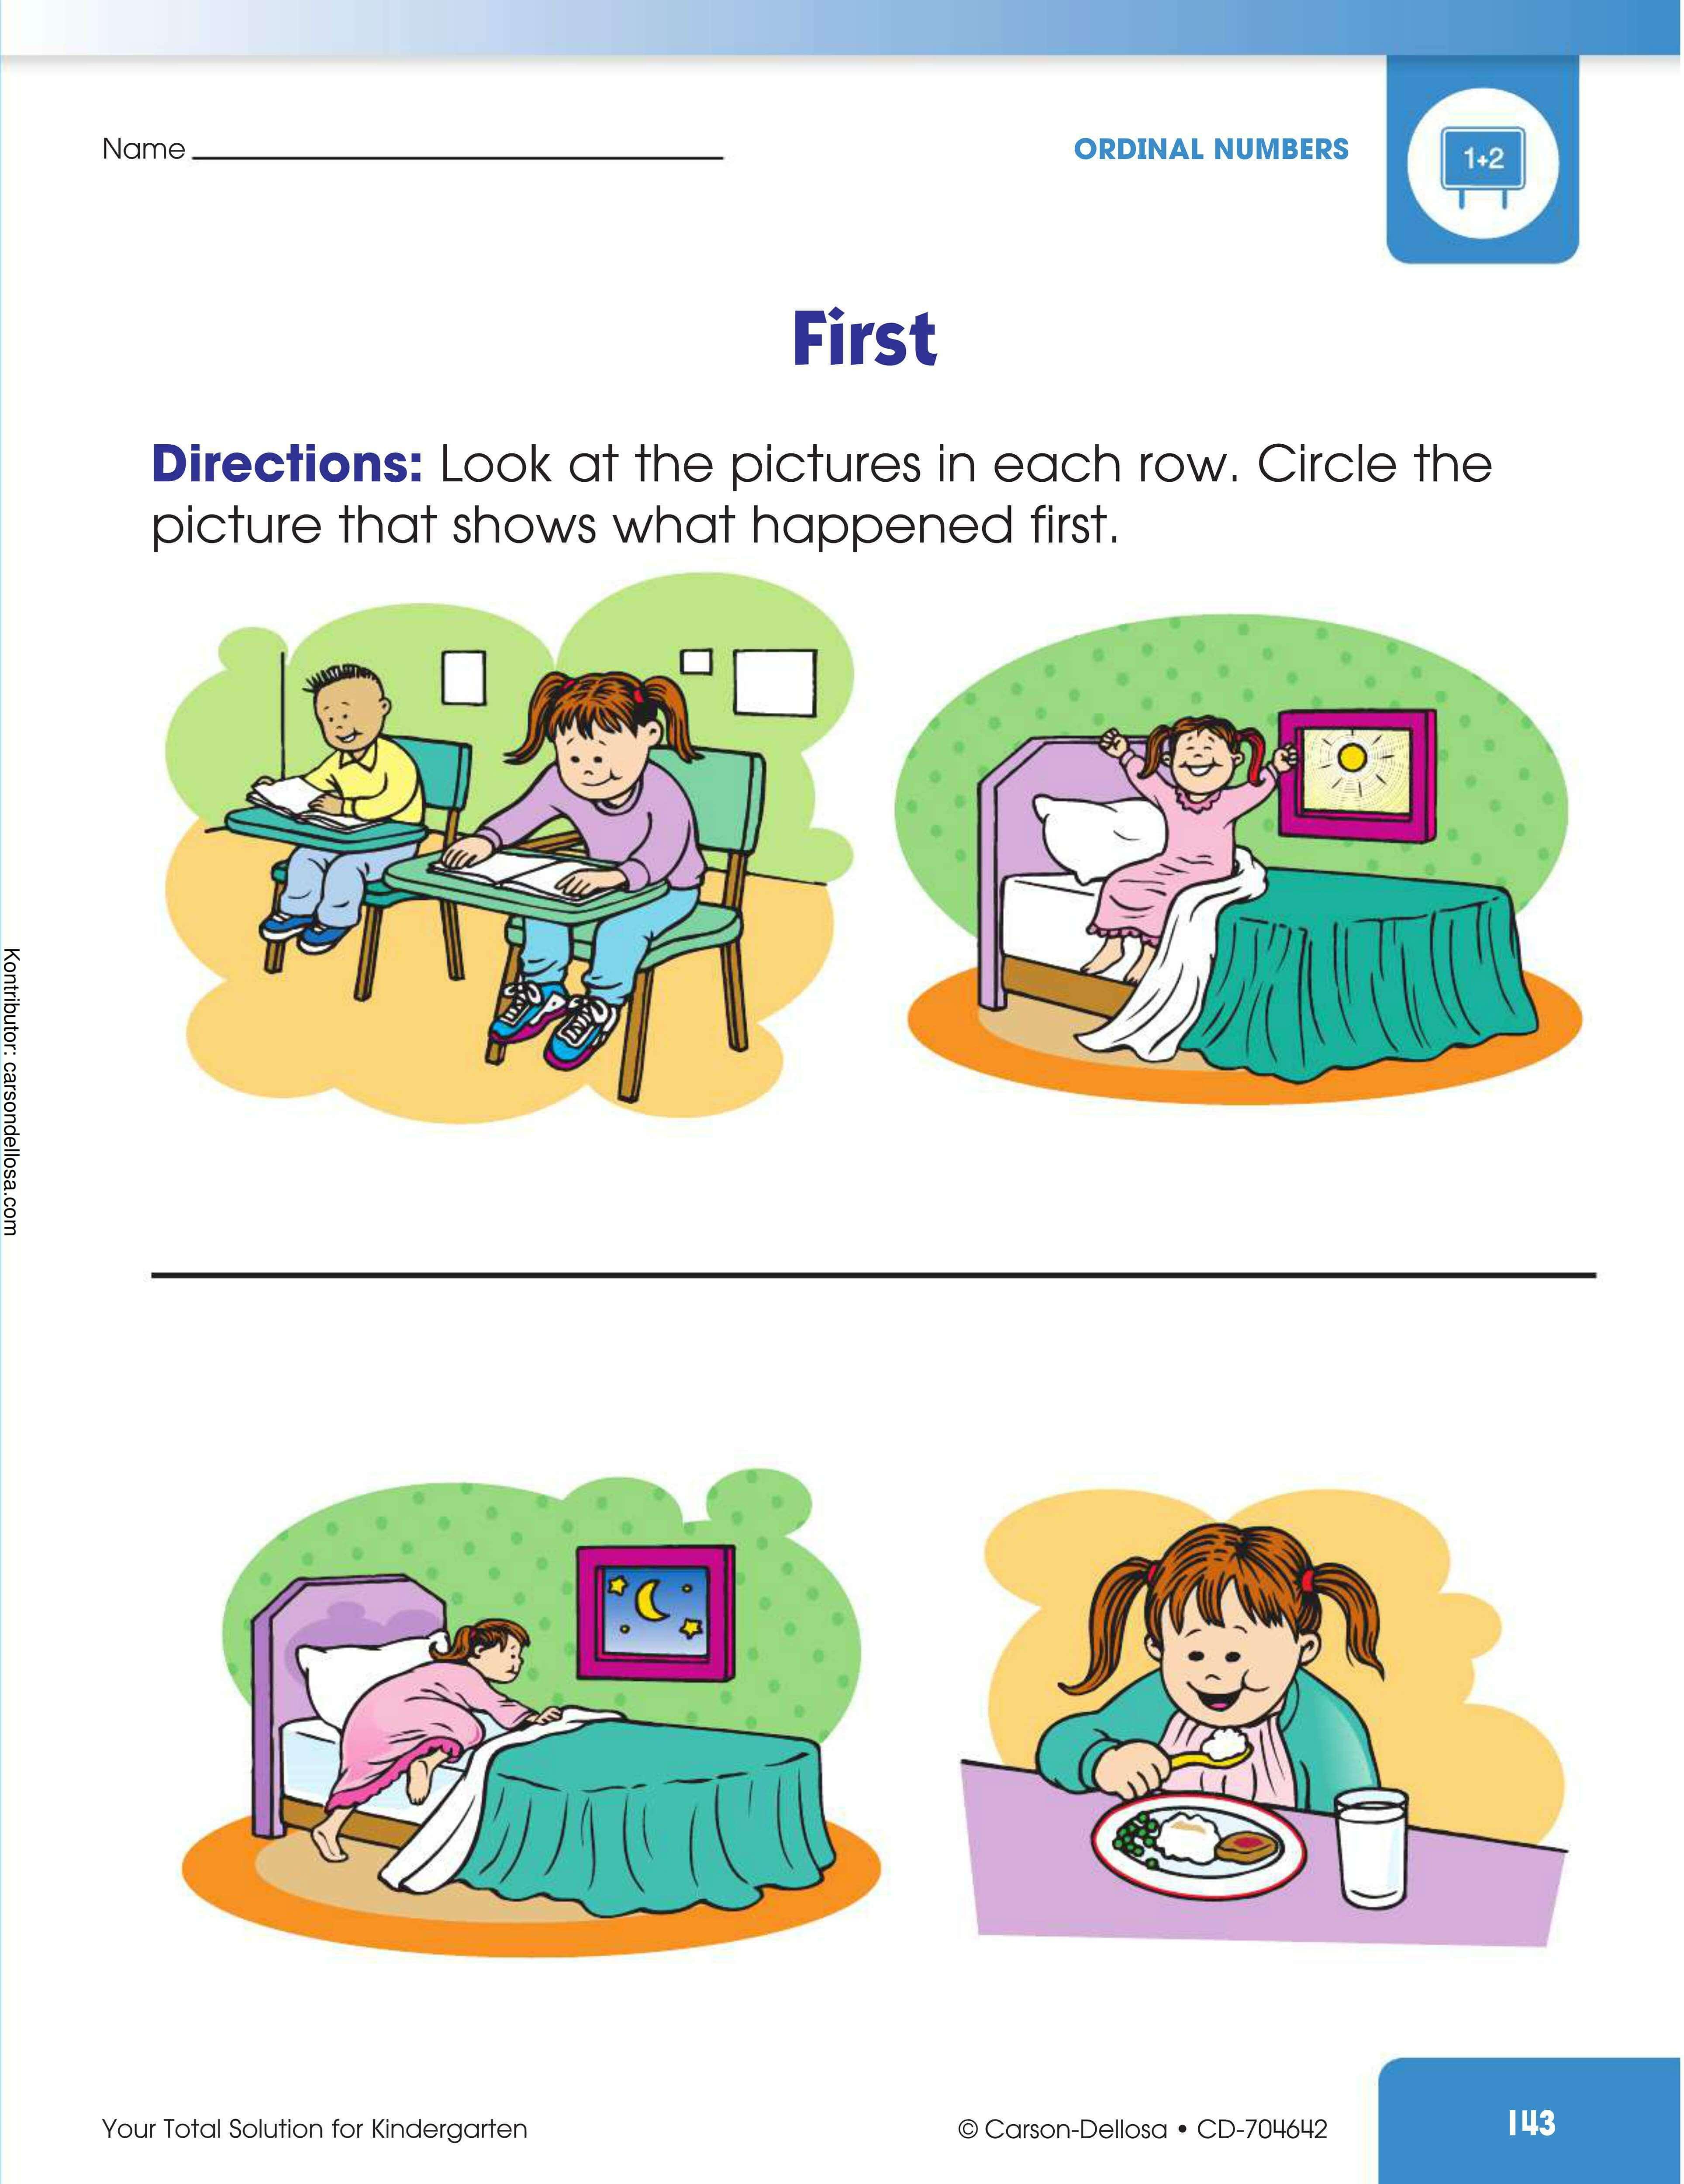 Belajar Melingkari Gambar yang Pertama